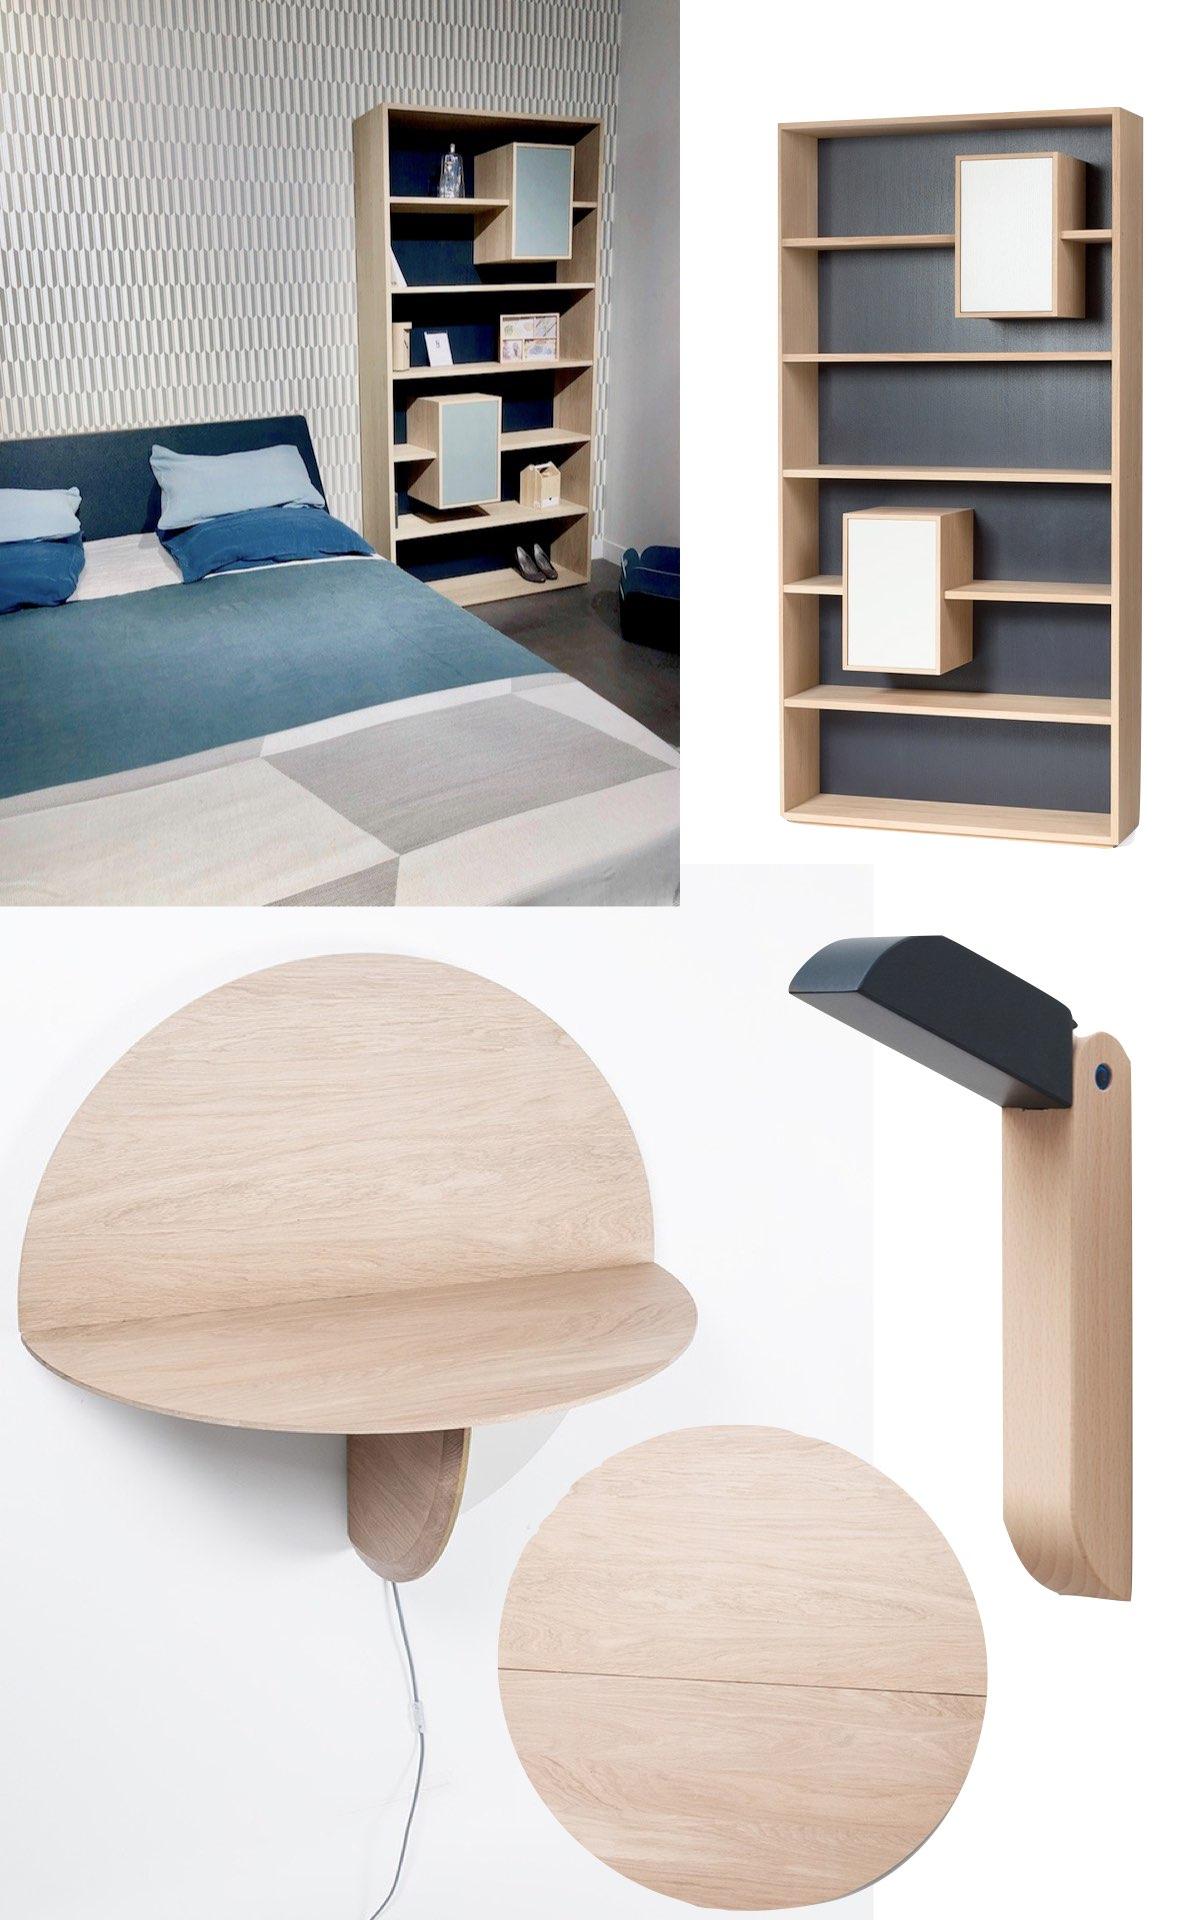 meubler chambre de 10m2 bureau bois massif gain place